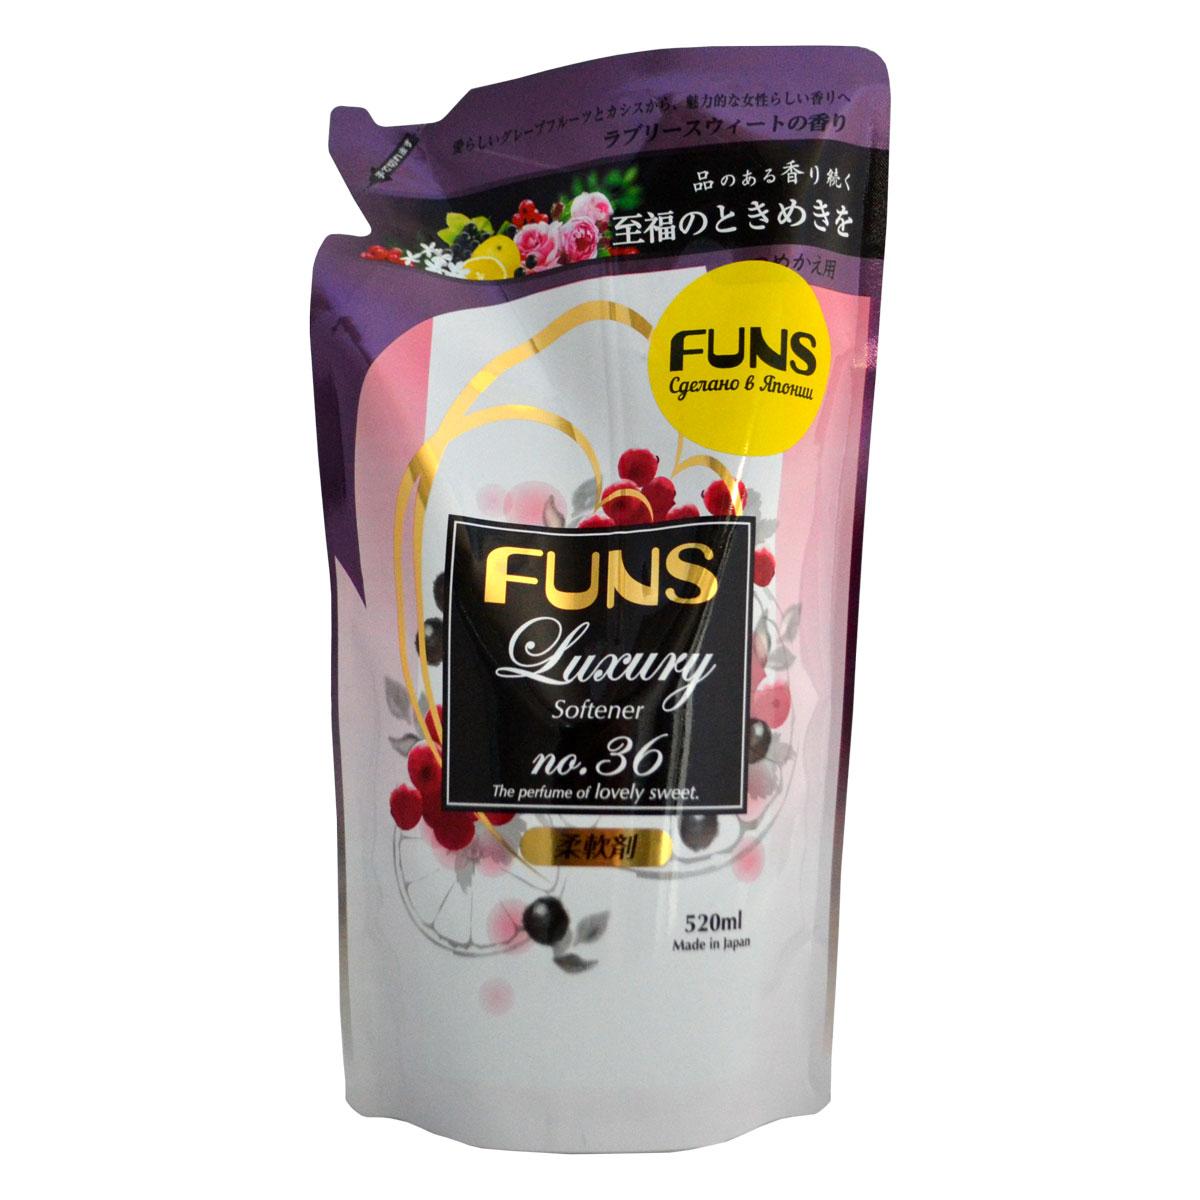 Кондиционер парфюмированный для белья Funs, с ароматом грейпфрута и черной смородины, 520 мл531-402Сильноконцентрированный кондиционер для белья Funs придаст вашим вещам мягкость и сделает их приятными наощупь.Подходит для хлопчатобумажных, шерстяных, льняных и синтетических тканей, а также любых деликатных тканей (шелка и шерсти).Кондиционер предотвращает появление статического электричества, а также облегчает глажку белья.Обладает приятным ароматом, который сохраняется на долгое время, даже после сушки белья.Благодаря противомикробному и дезодорирующему действию кондиционер устраняет бактерии, способствующие появлению неприятного запаха.Кондиционер безопасен при контакте с кожей человека, не сушит и не раздражает кожу рук во время стирки.Подходит как для ручной, так и машинной стирки.Норма использования:Вес белья Объем воды Объем кондиционера6.0 кг 65 л 40 мл4.5 кг 60 л 30 мл3.0 кг 45 л 20 мл1.5 кг 30 л 10 млРучная стирка вес белья 0.5 кг 3.3 млСпособ применения: применяйте кондиционер только после стирки белья при полоскании чистой водой. На 1 кг одежды используйте 7 мл средства.При ручной стирке рекомендуется полоскать в течение 3 минут.